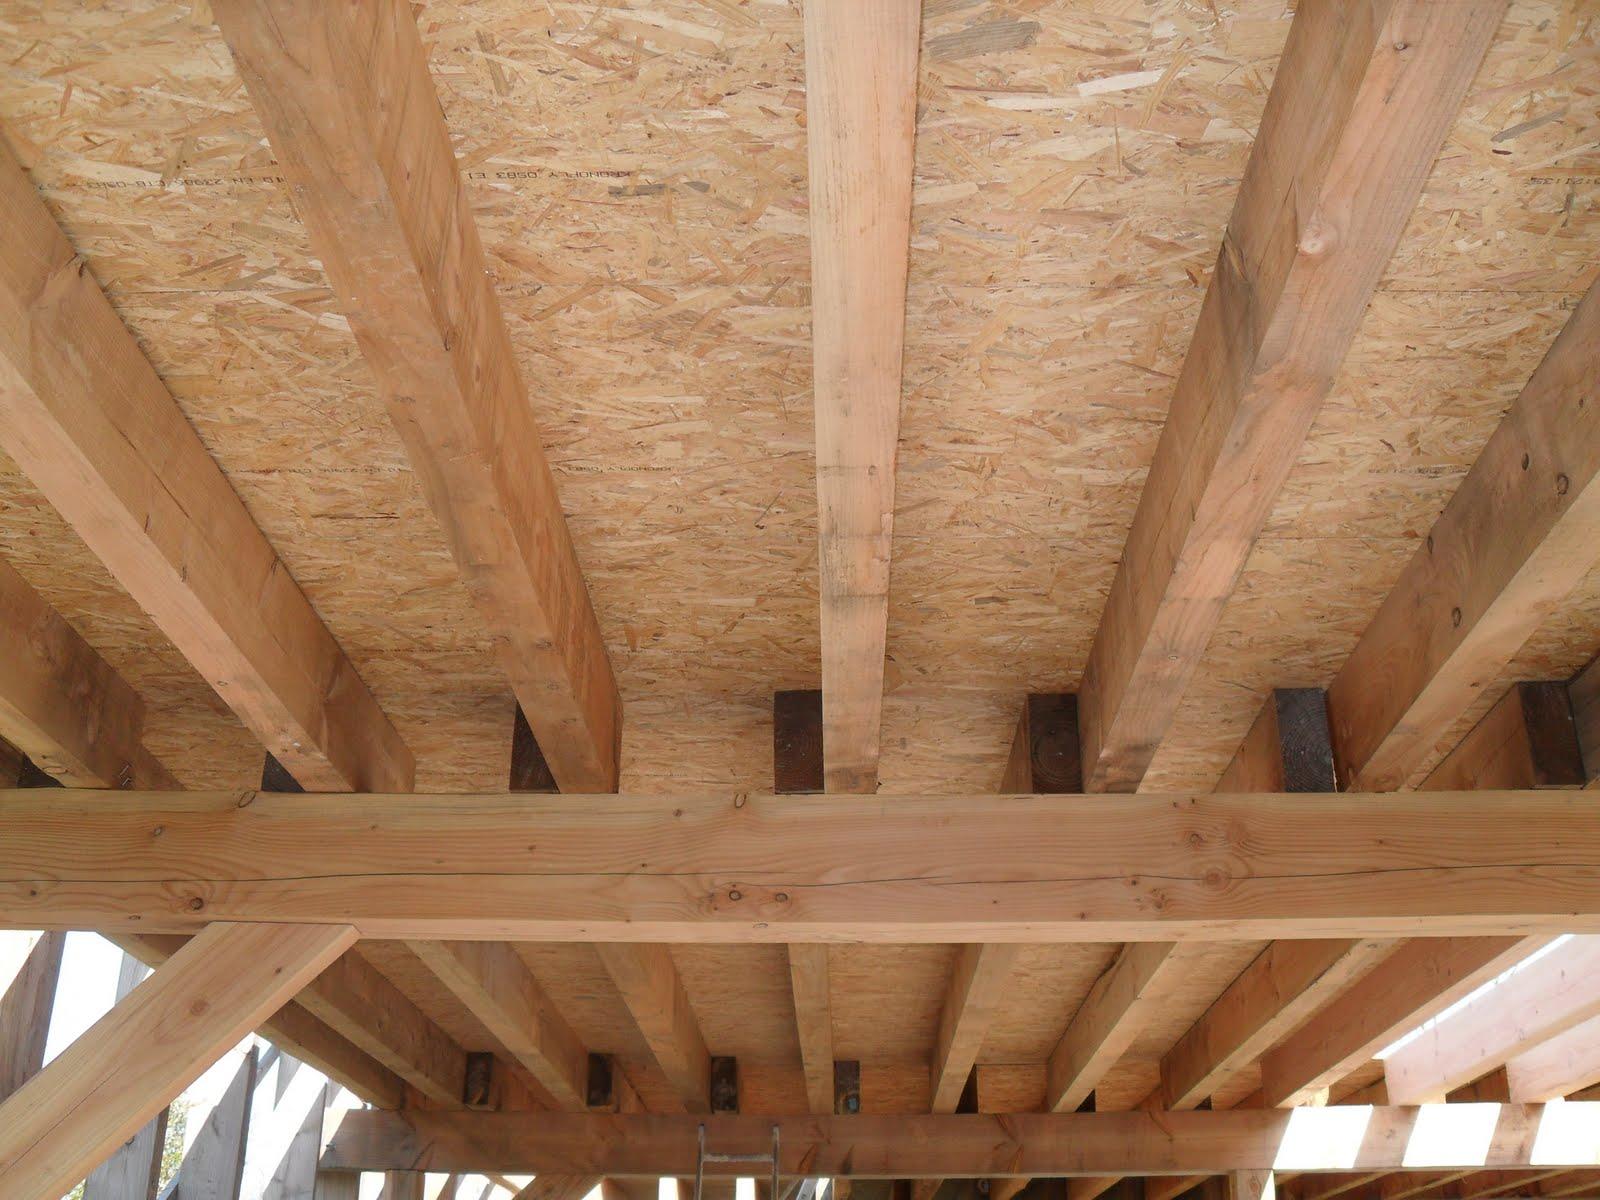 Paille aux perques 17 avril 2010 plancher osb fini for Peindre un plancher en bois